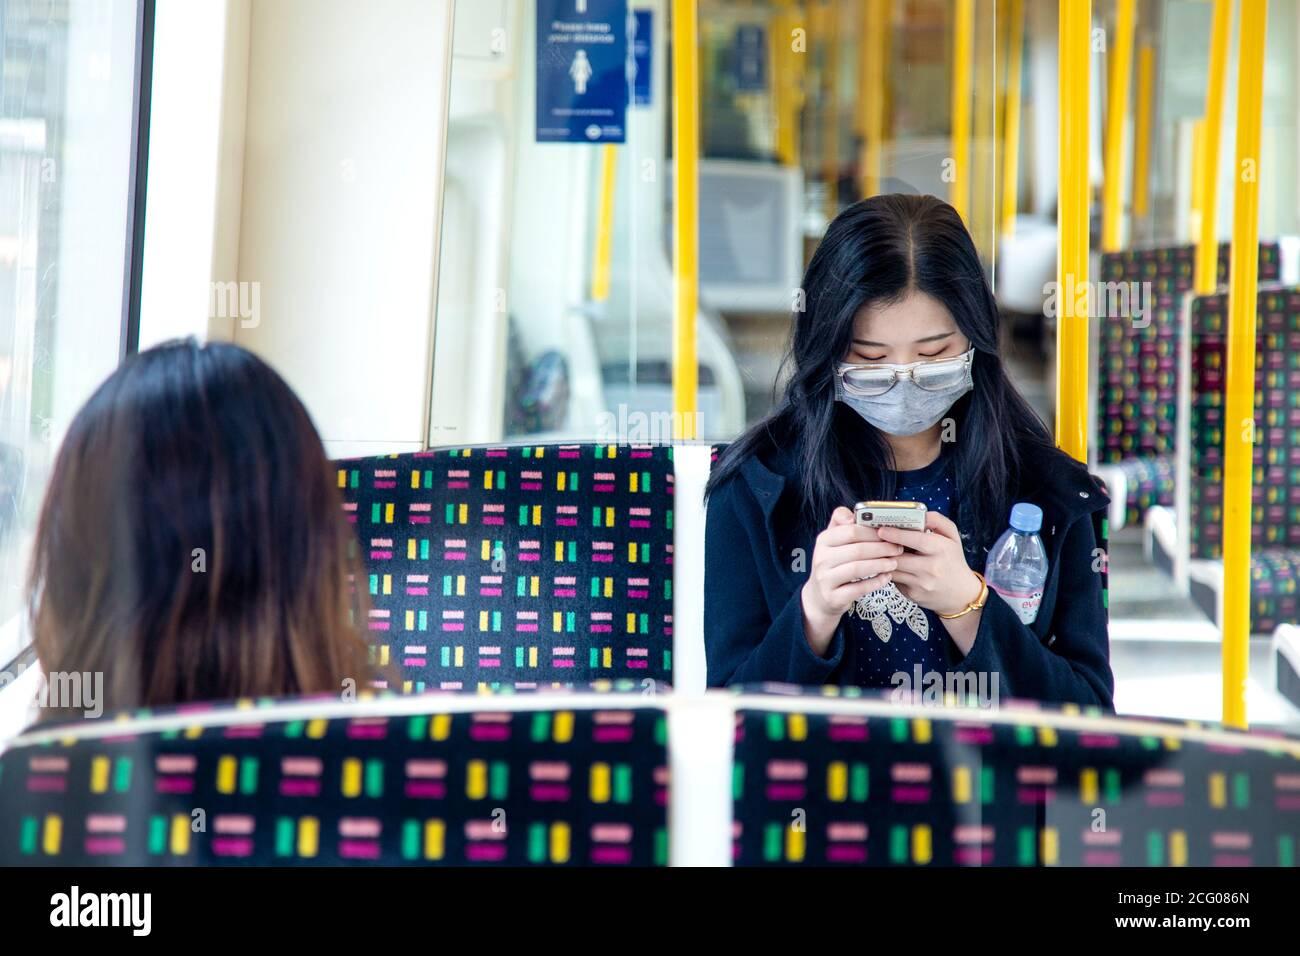 7 de septiembre, Londres, Reino Unido - una mujer asiática sentada en el tubo en un carro vacío de la línea Metropolitana usando máscara facial durante la pandemia del Coronavirus Foto de stock